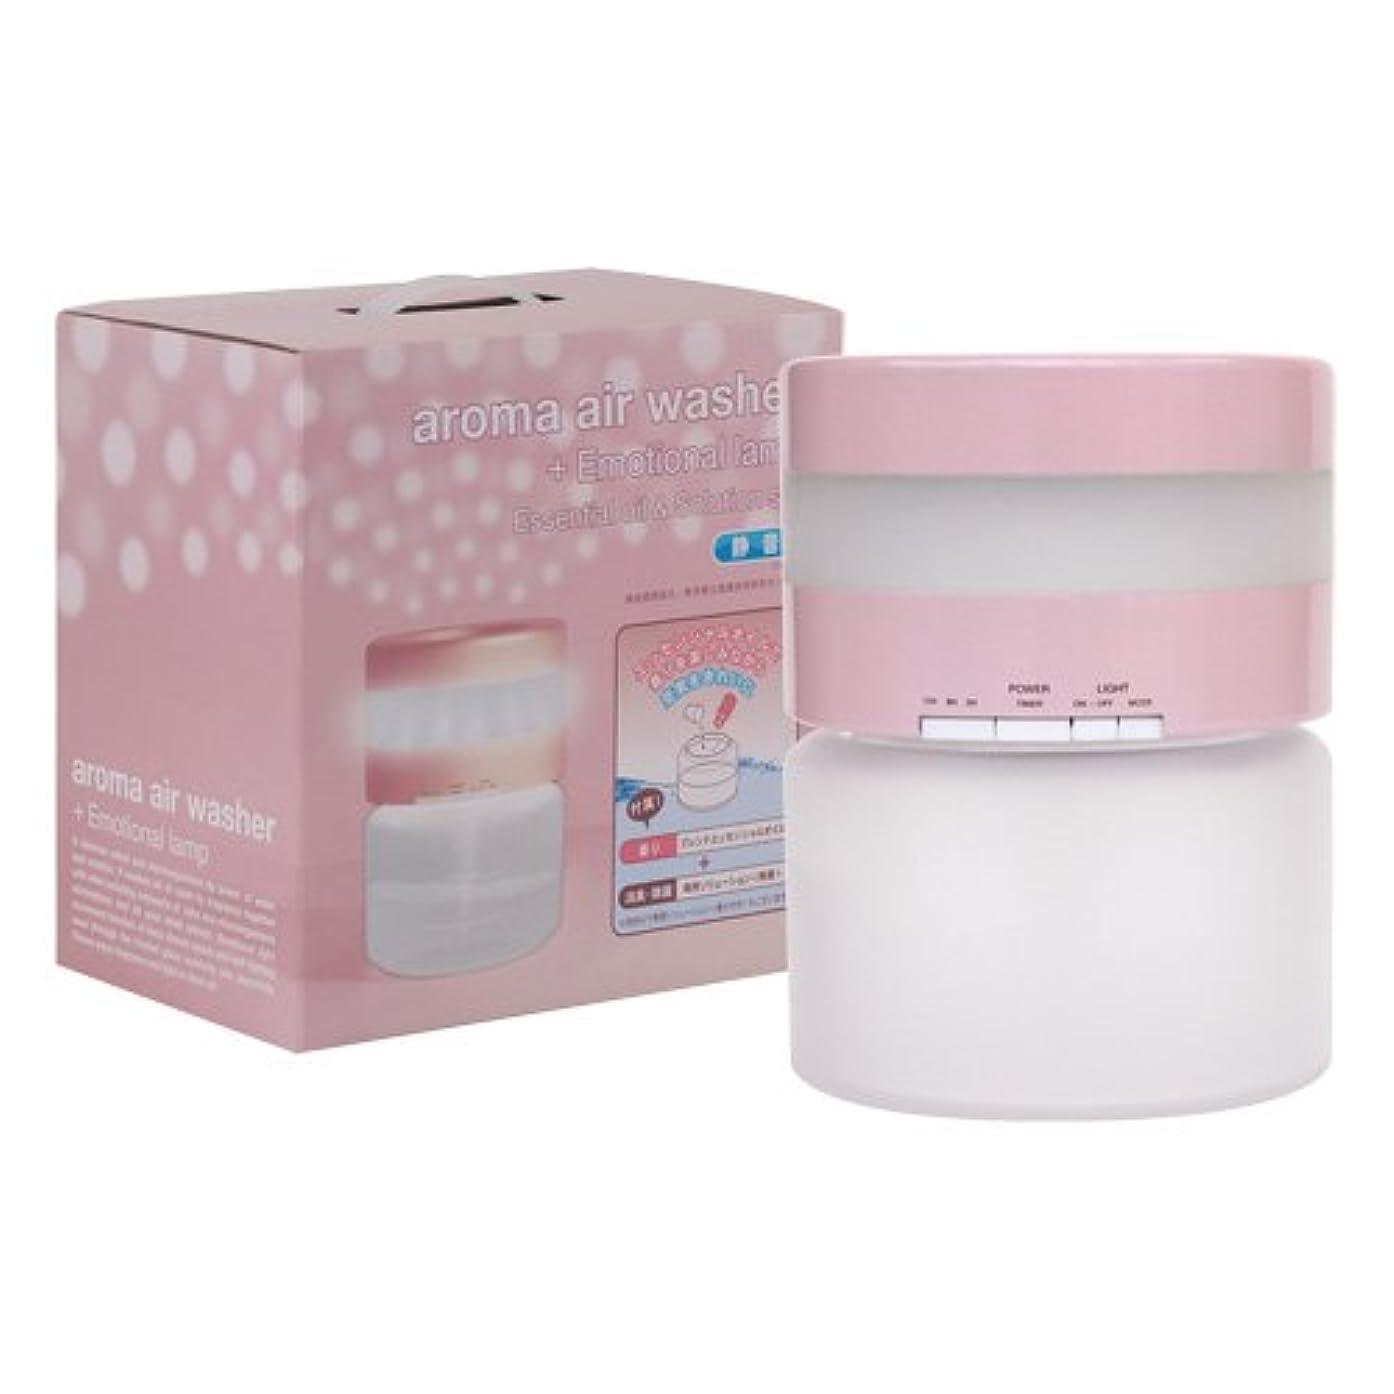 炎上飲み込む生き物空気洗浄器 アロマエアウォッシャー + エモーショナルランプ ピンク